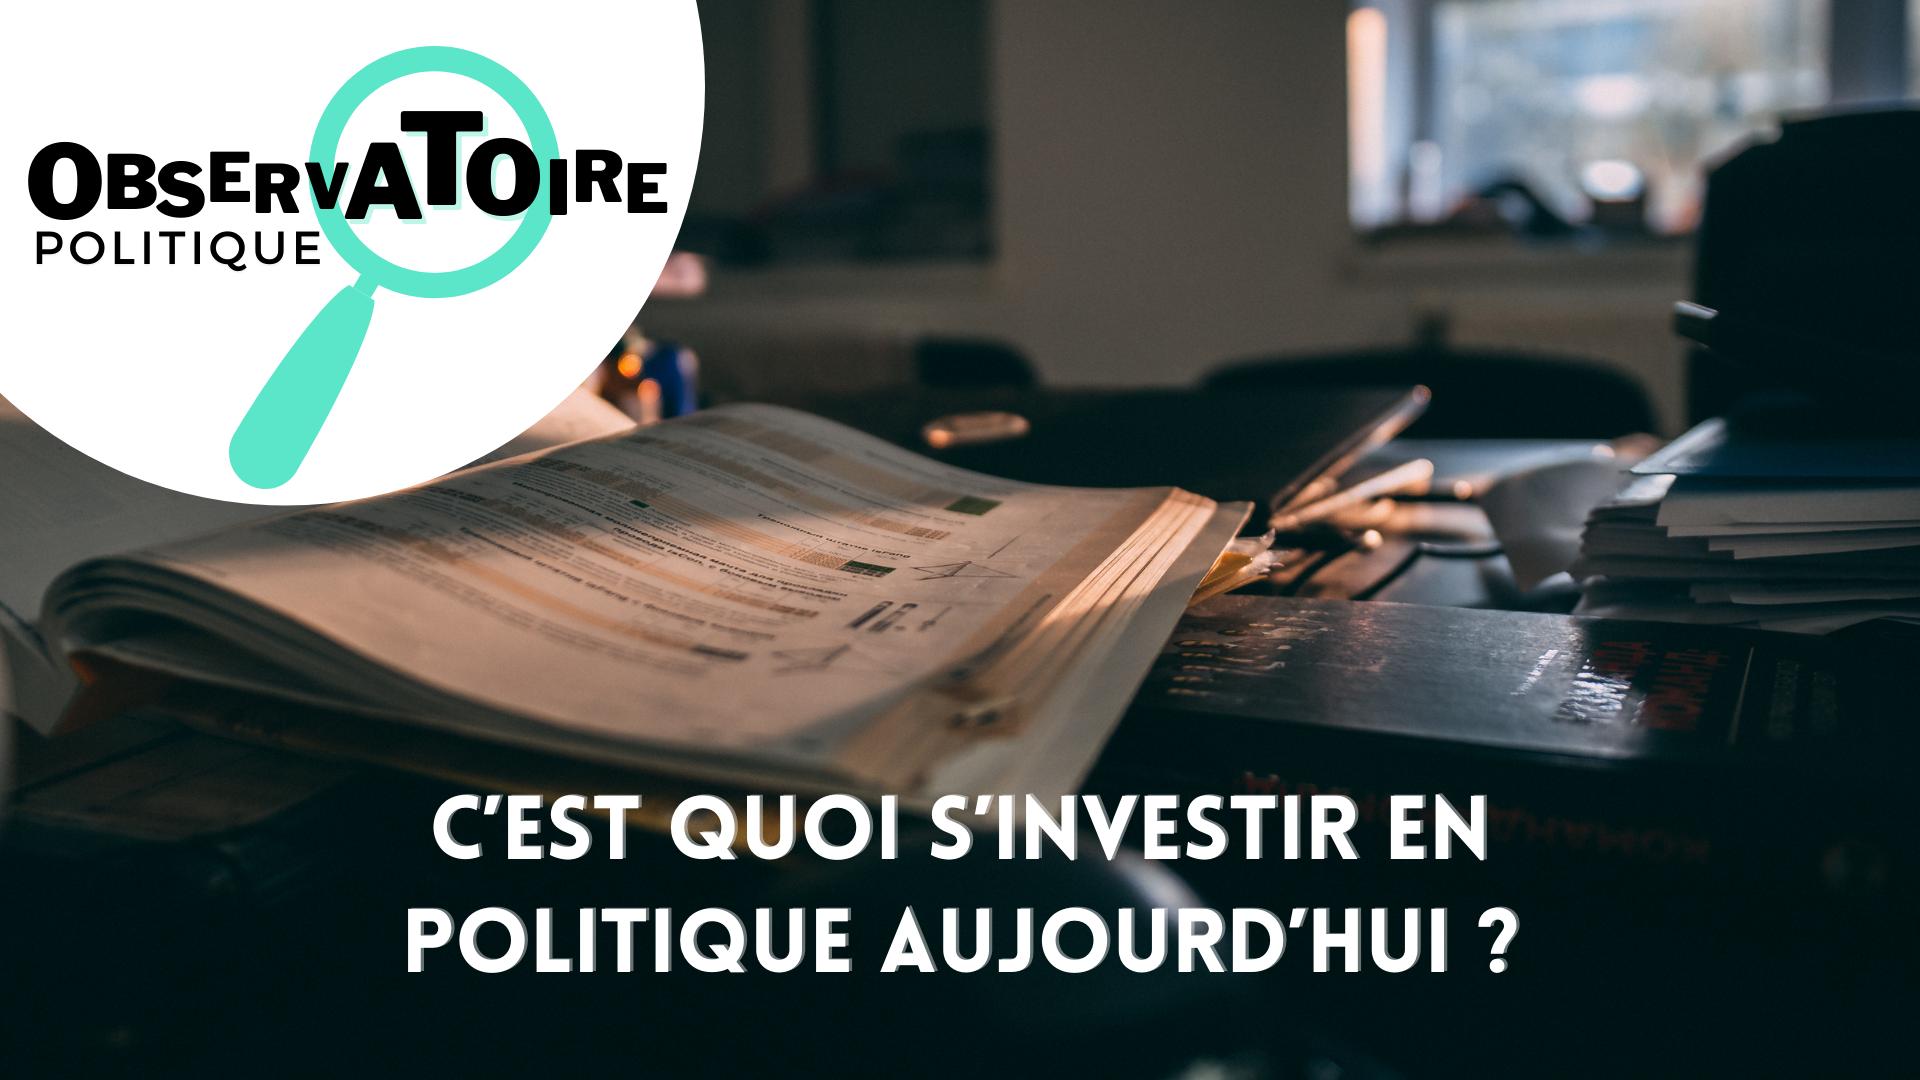 Observatoire politque s investir en politique 1